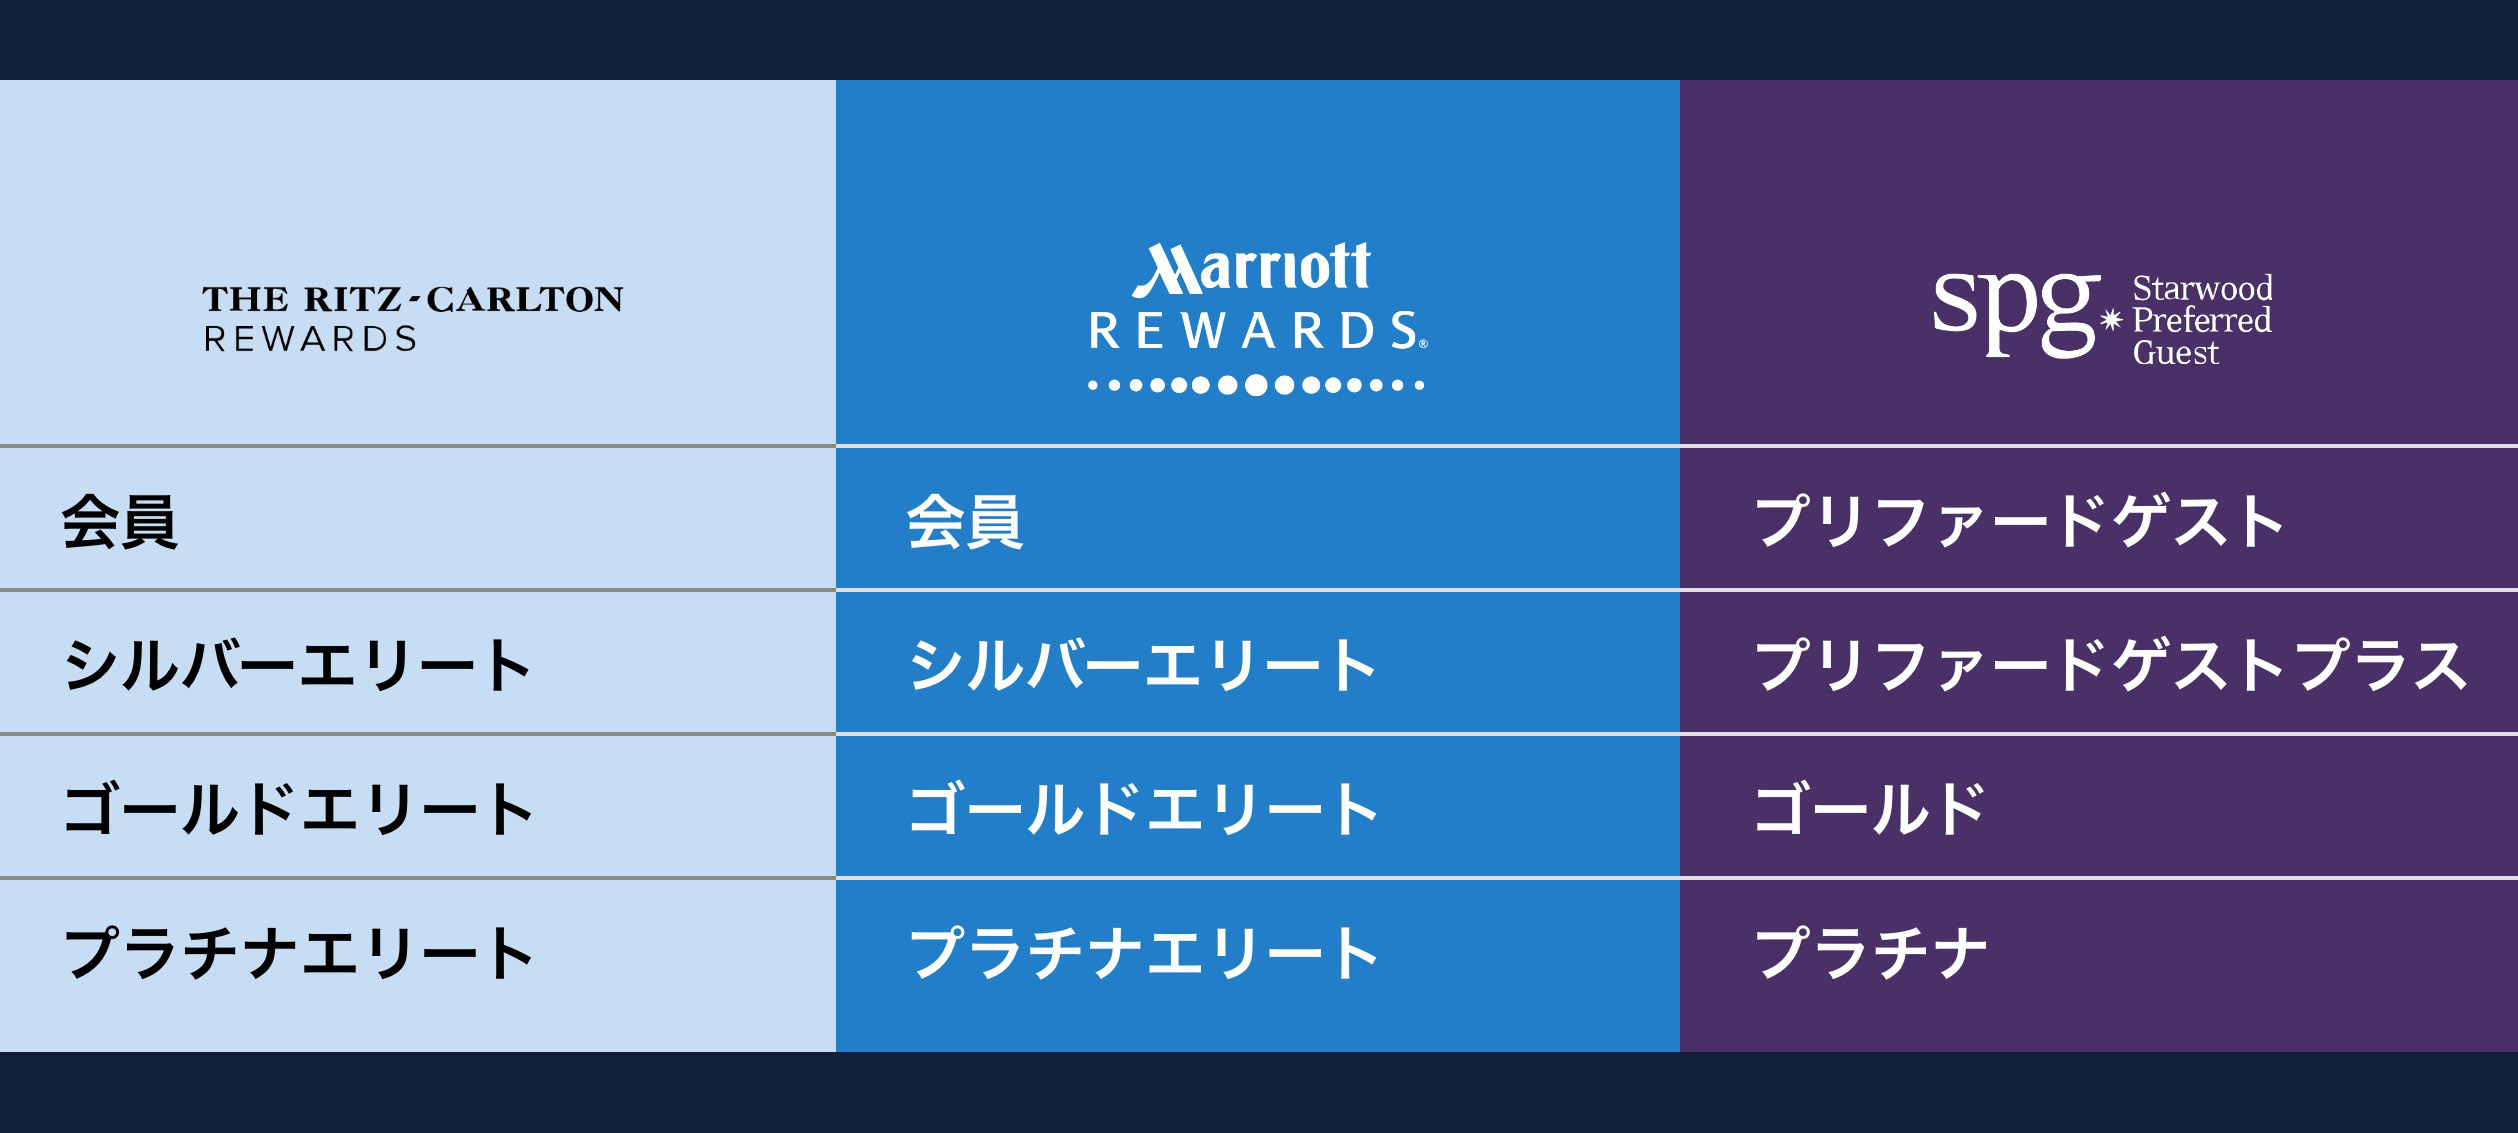 マリオットによるスターウッド買収手続完了に伴い、相互ステイタスマッチ実施!これに合わせて両プログラムの会員特典を比較